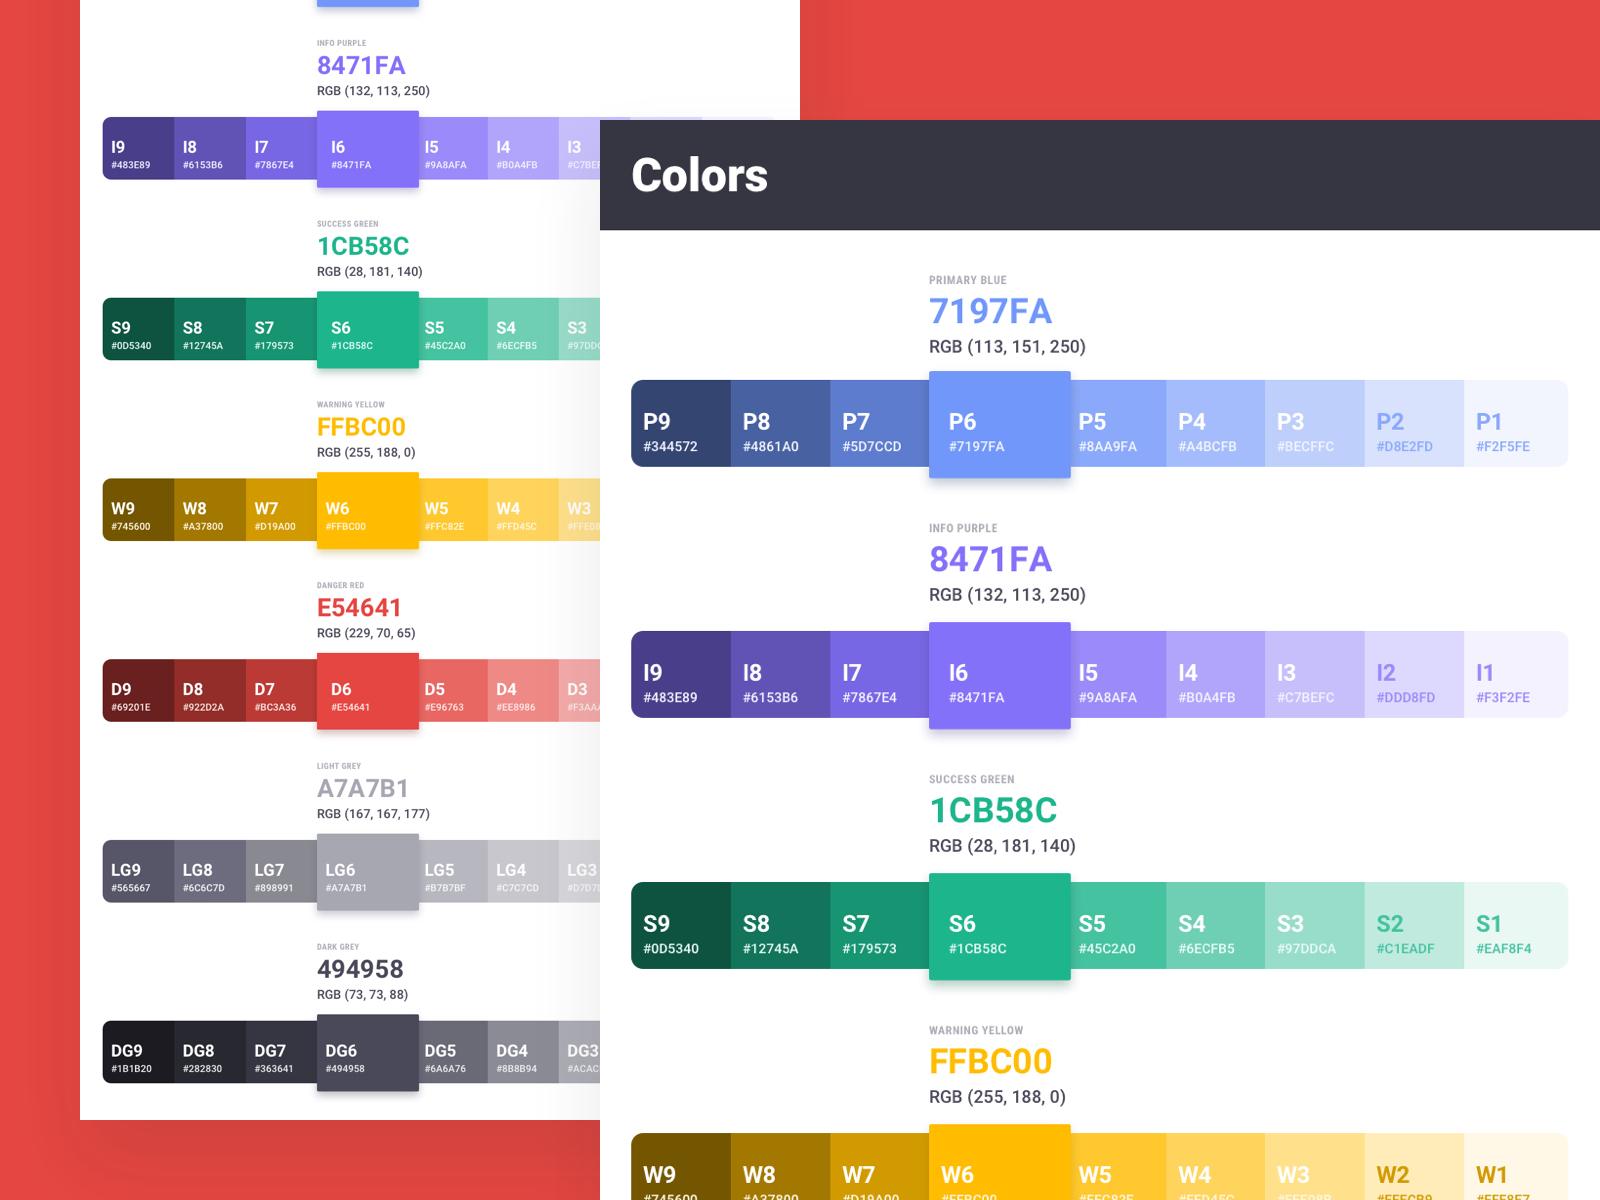 Brandboom color guidelines